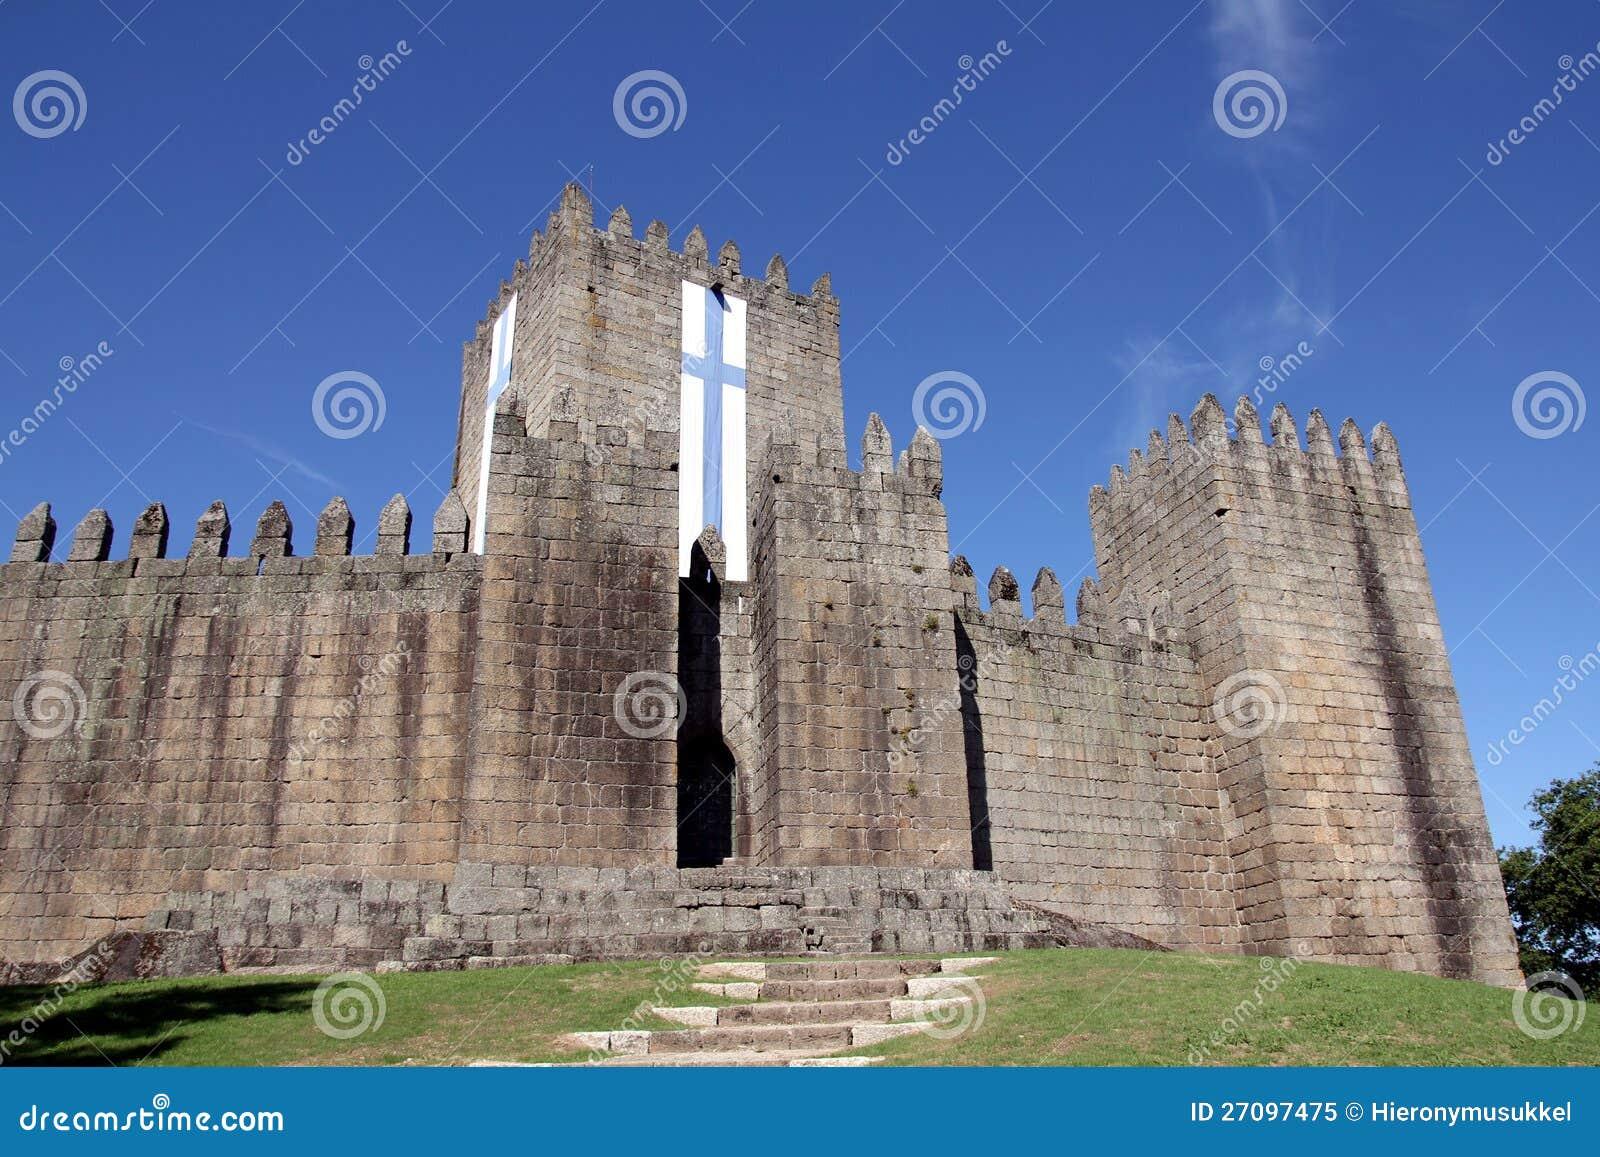 Castelo de Guimaraes em Portugal